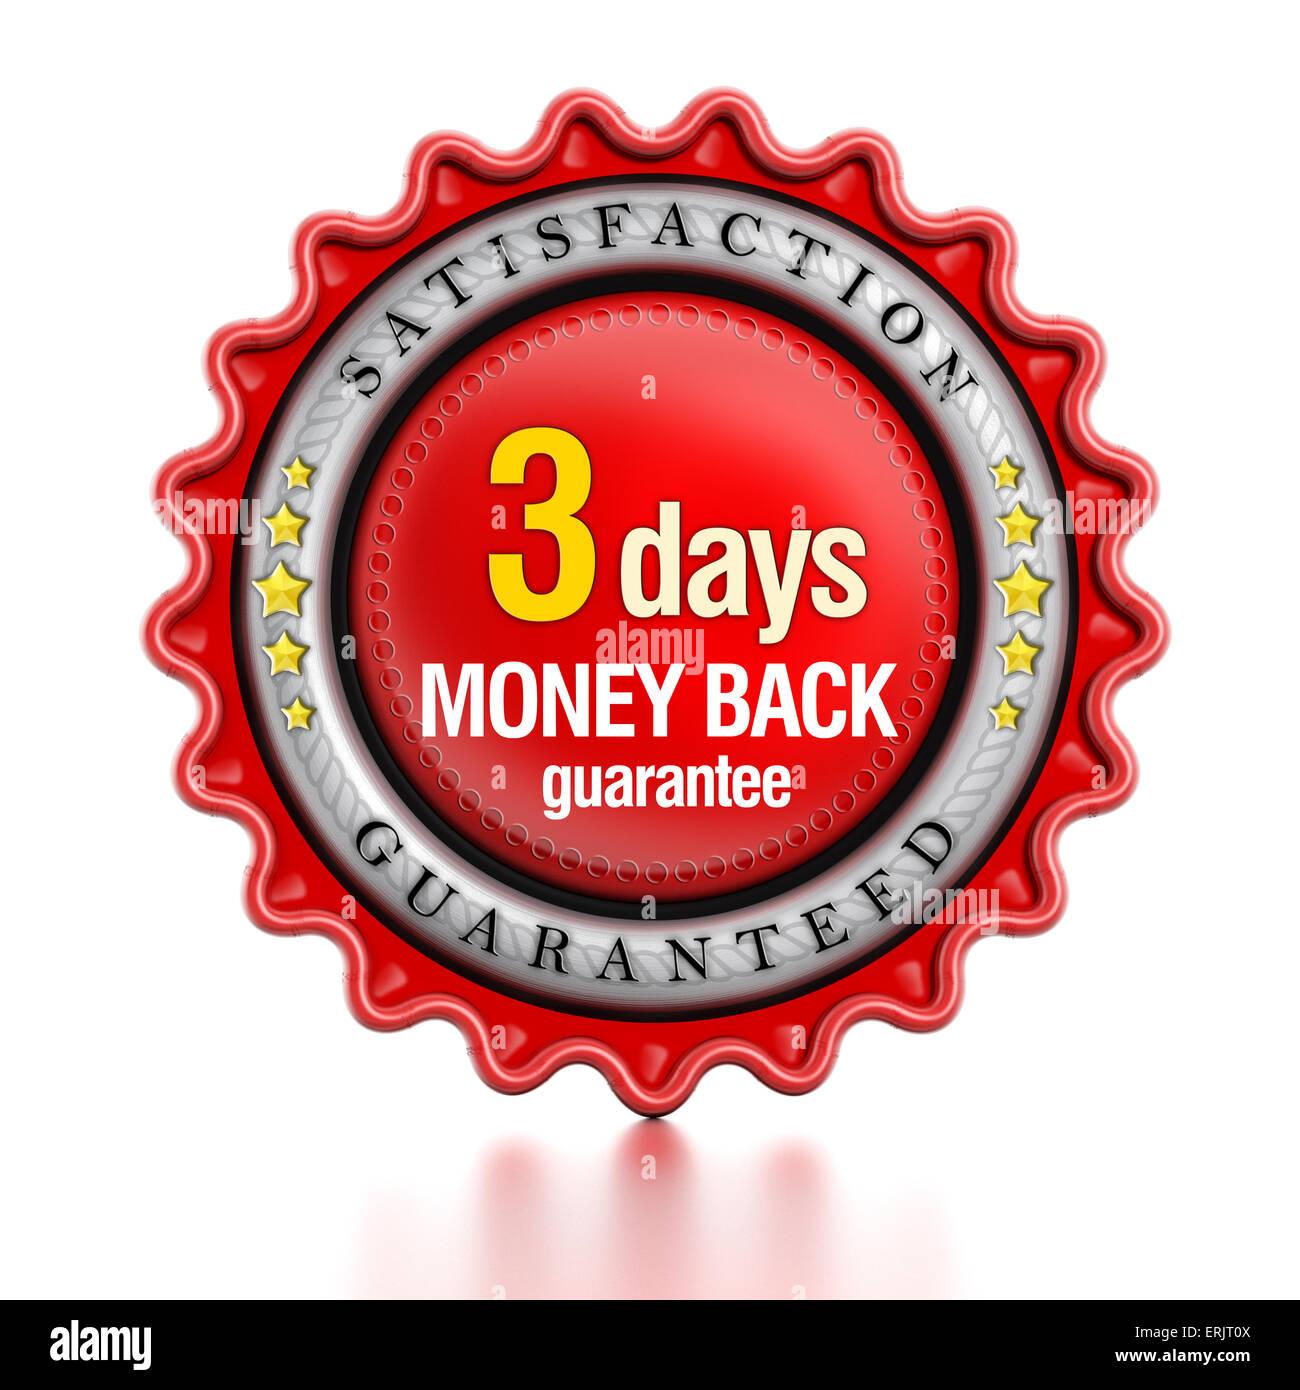 3 days money back stamp isolated on white background. - Stock Image